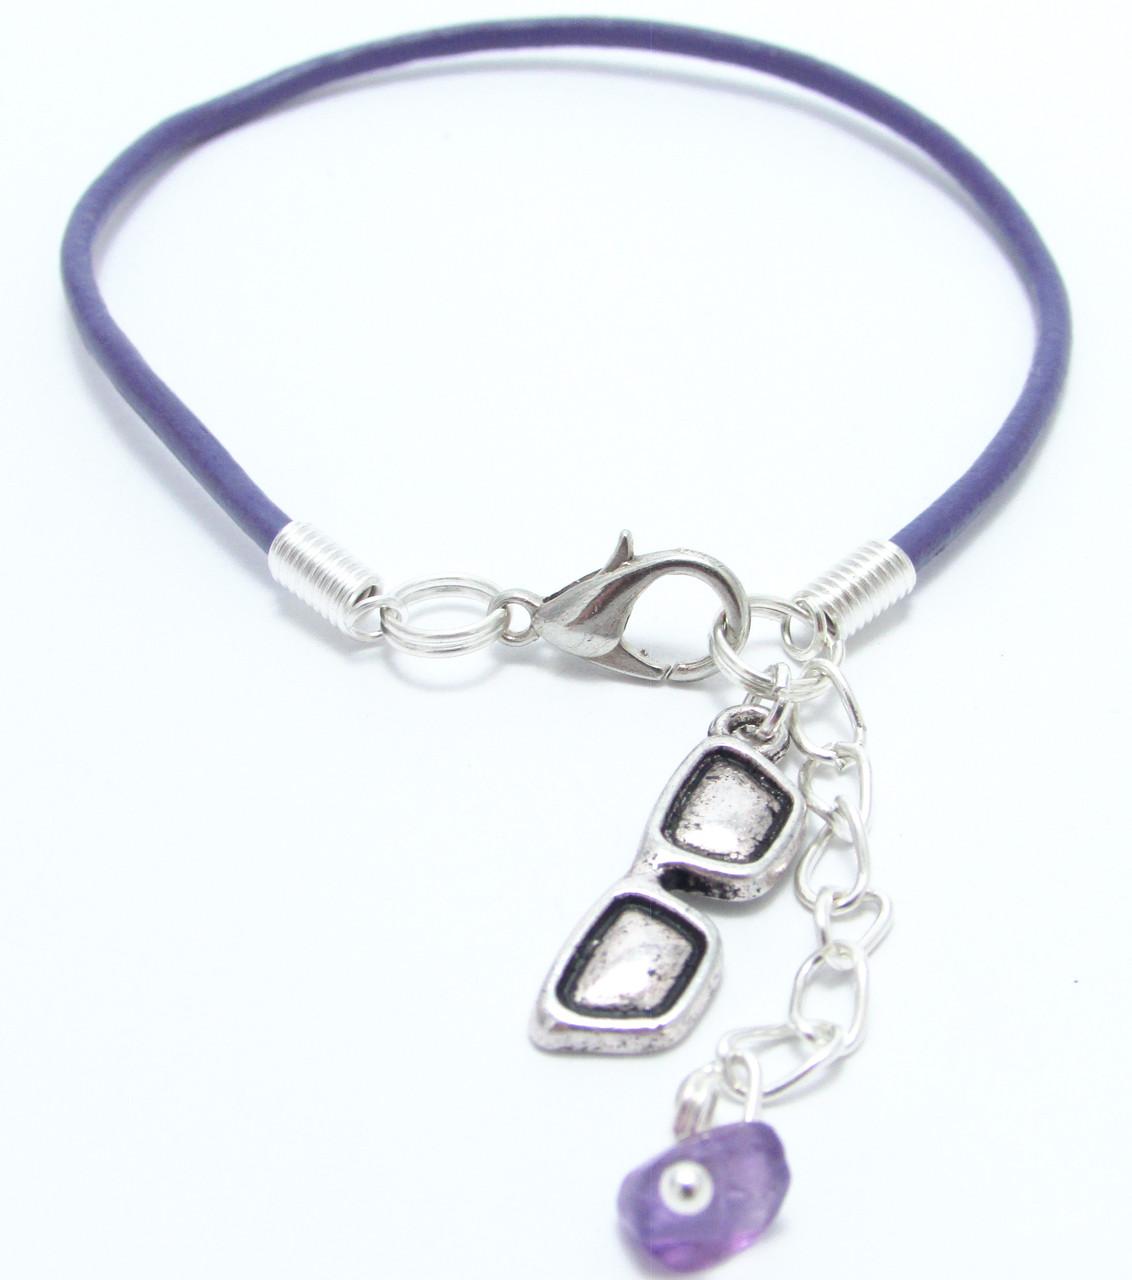 Браслет Violet Line кожаный на запястье с чароитом